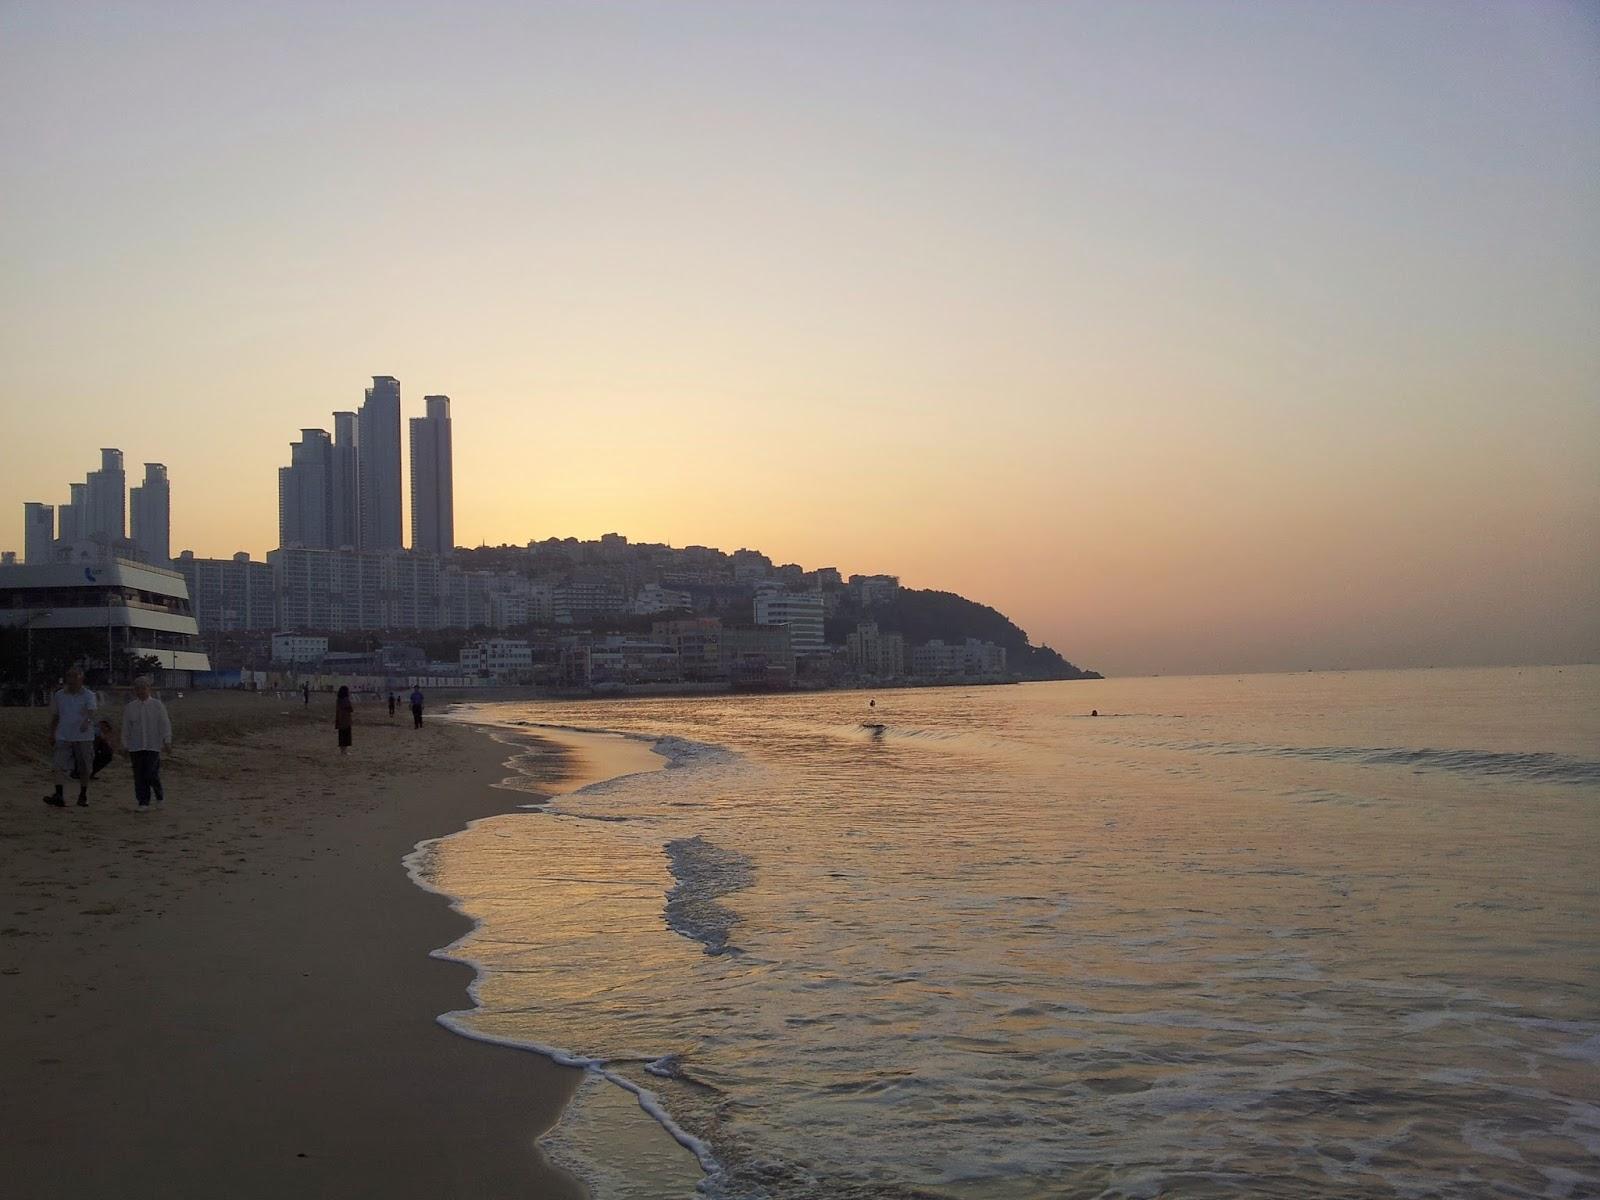 sunrise from Haeunae Beach